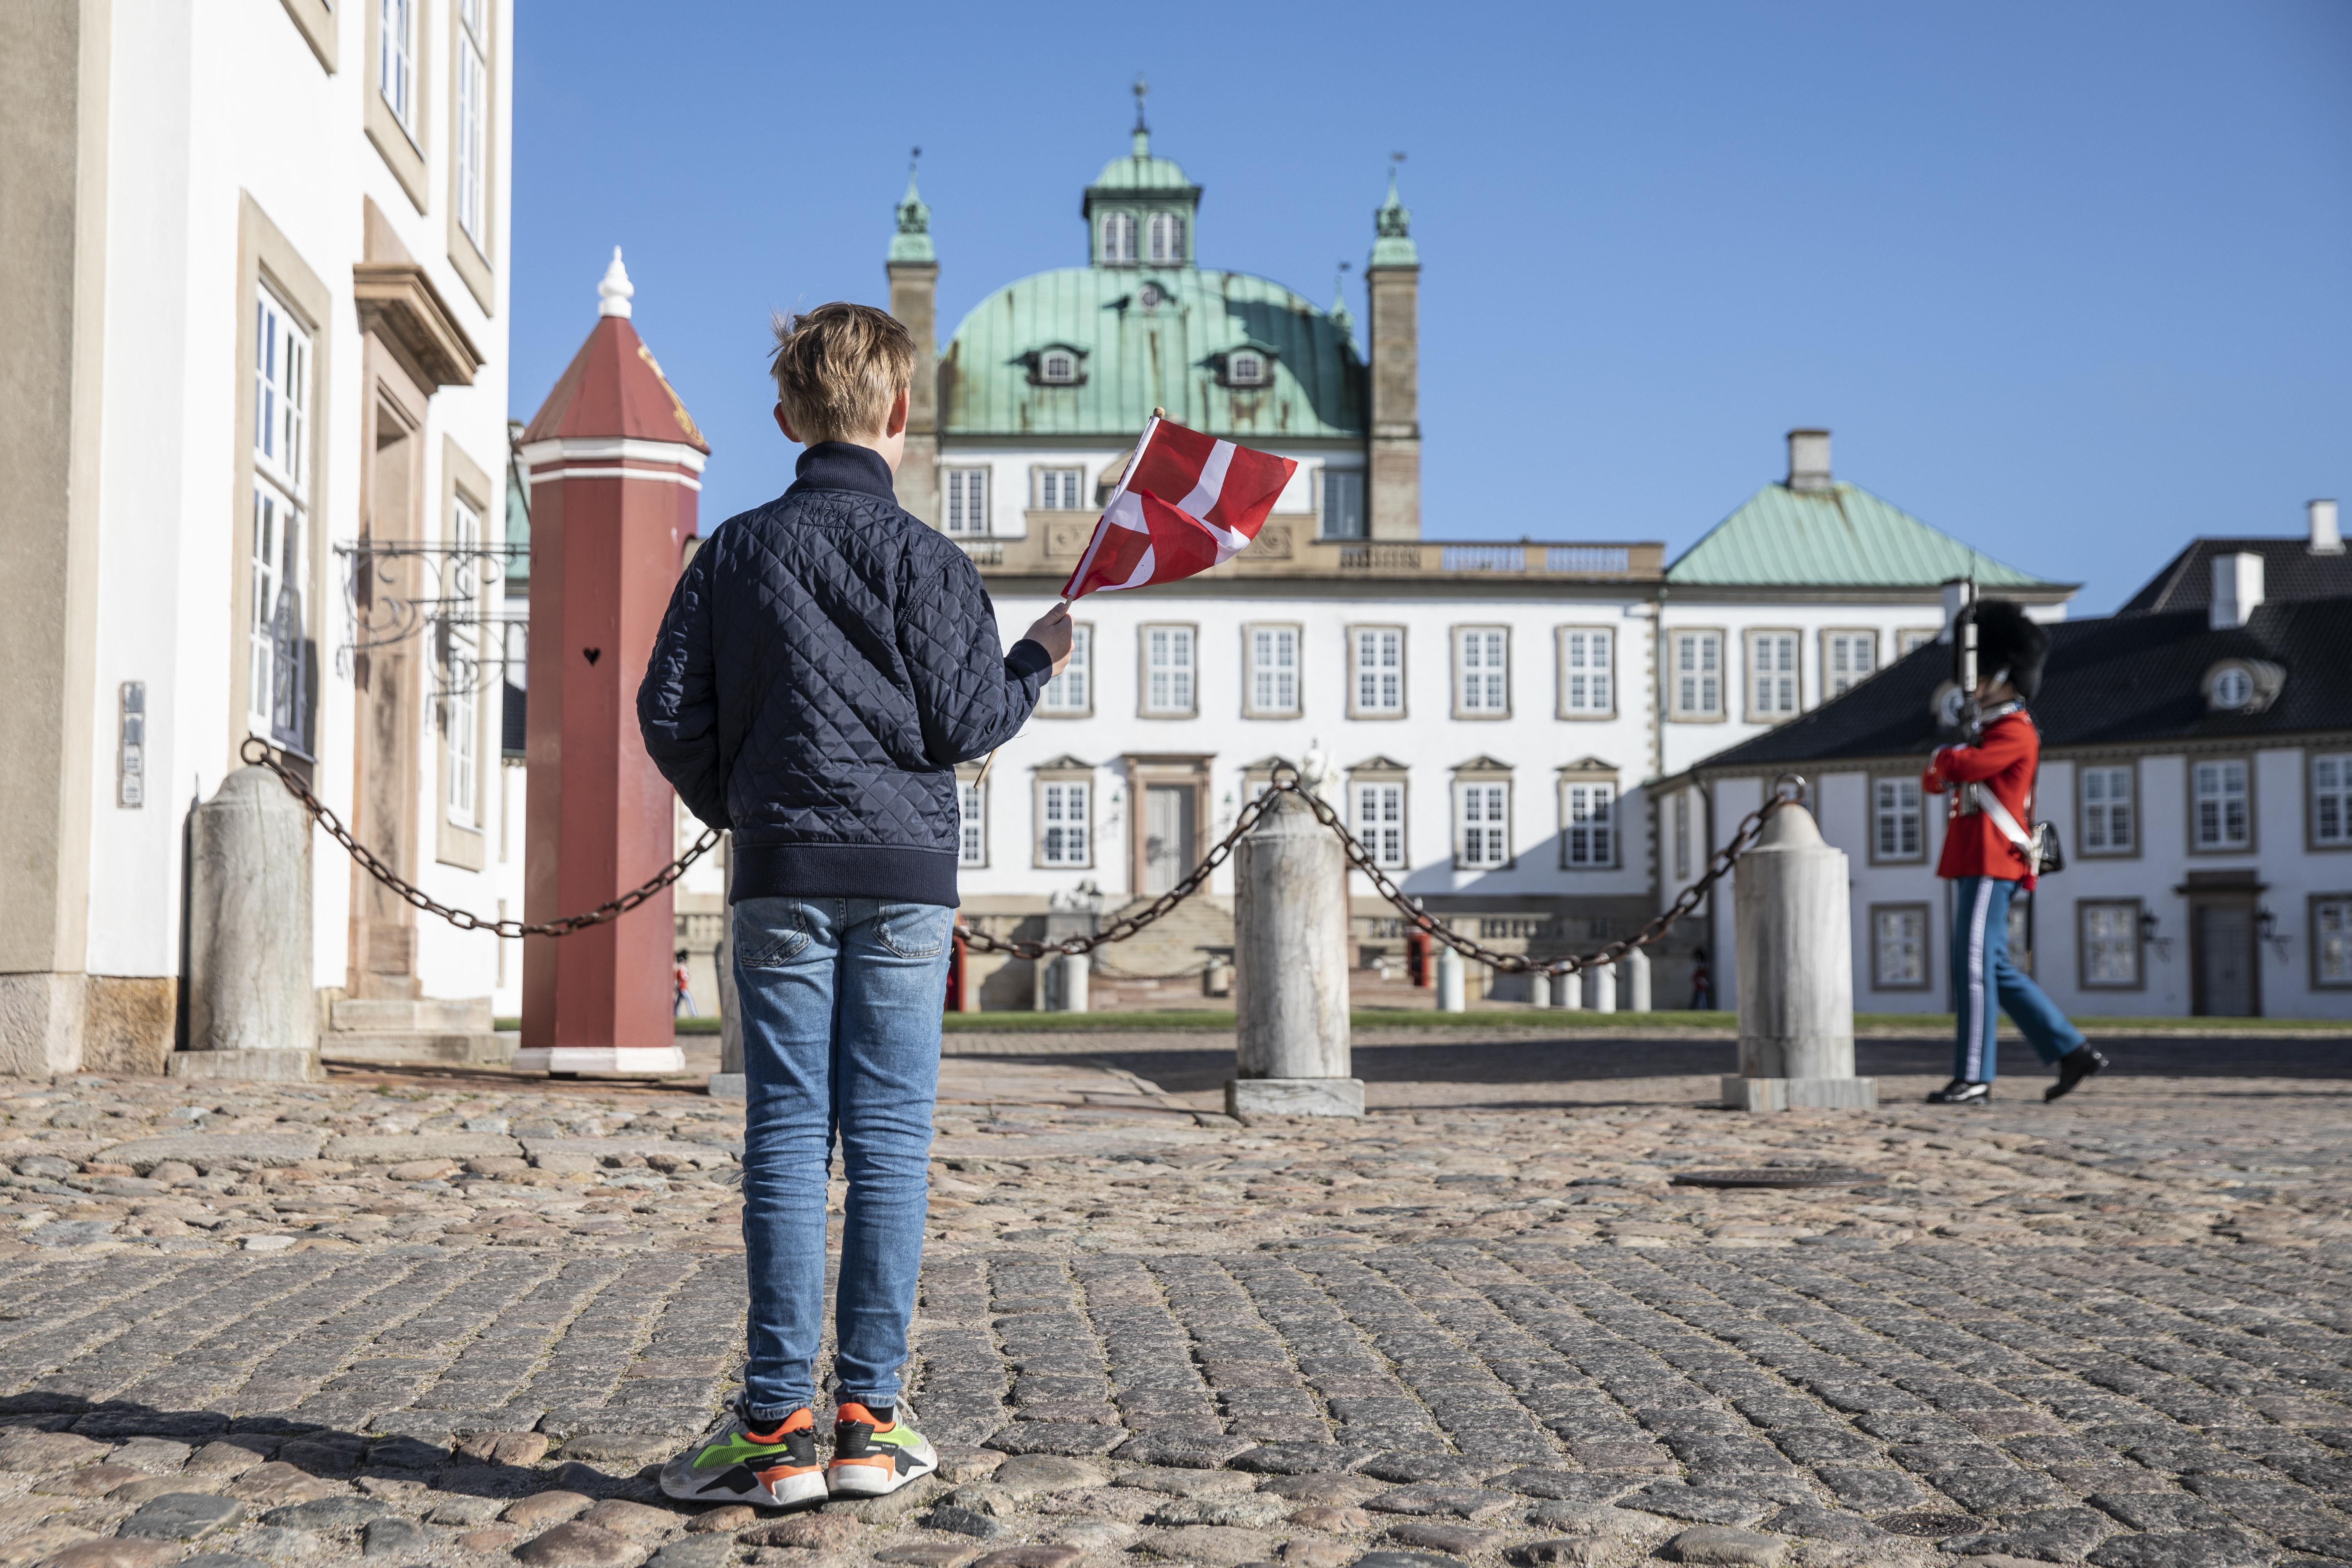 Dinamarca Palacio de Fredensborg niño bandera